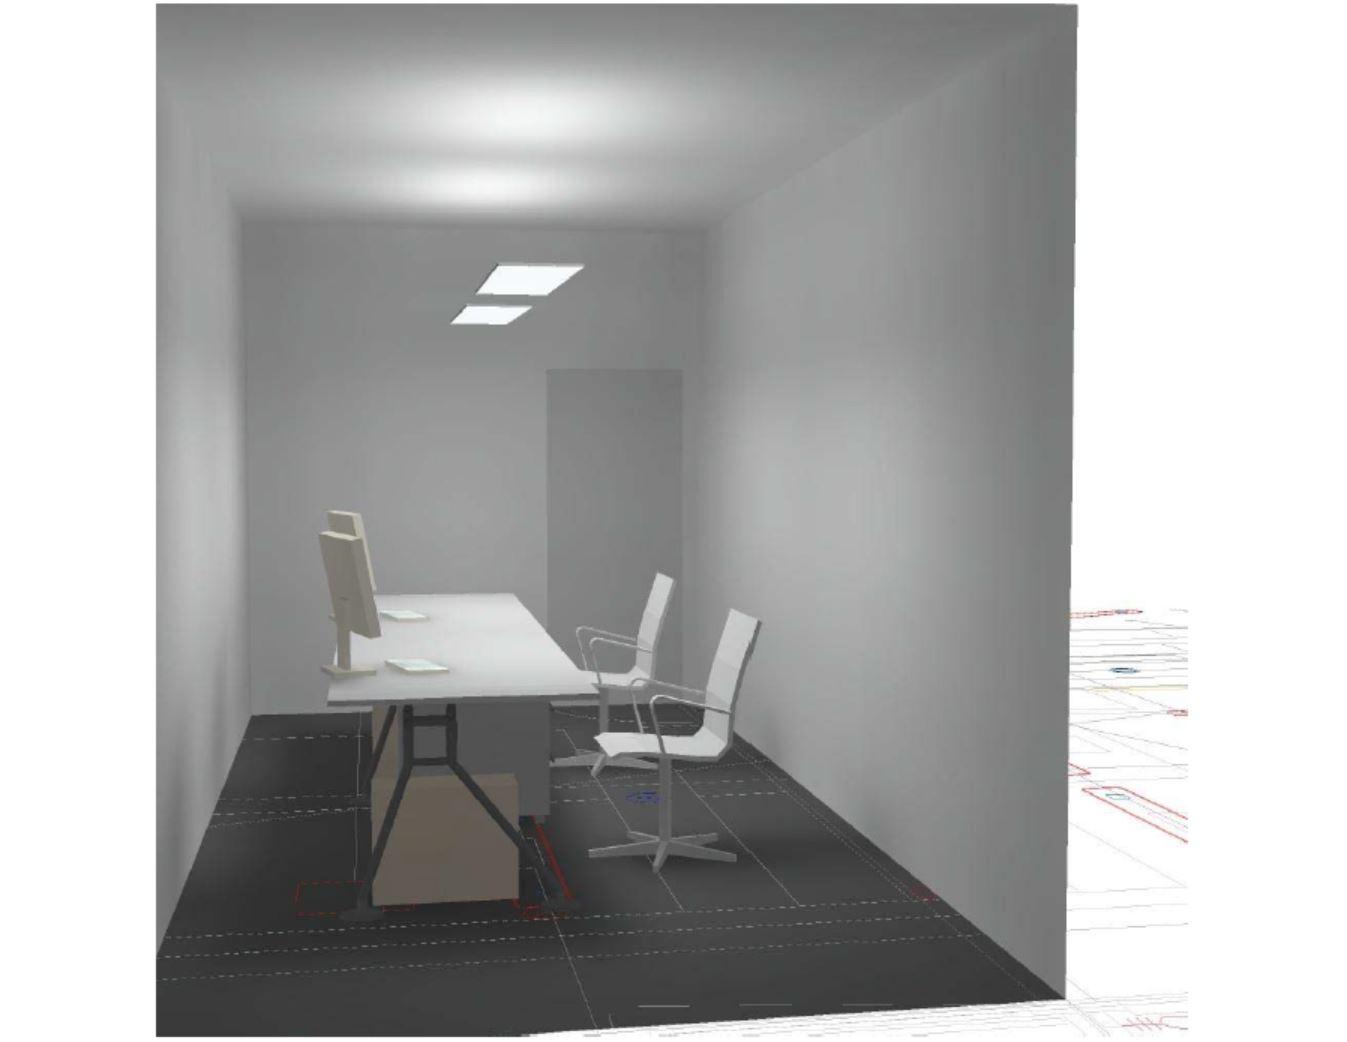 Musteranlagen Led Beleuchtung Smart Mit Led Sml Led